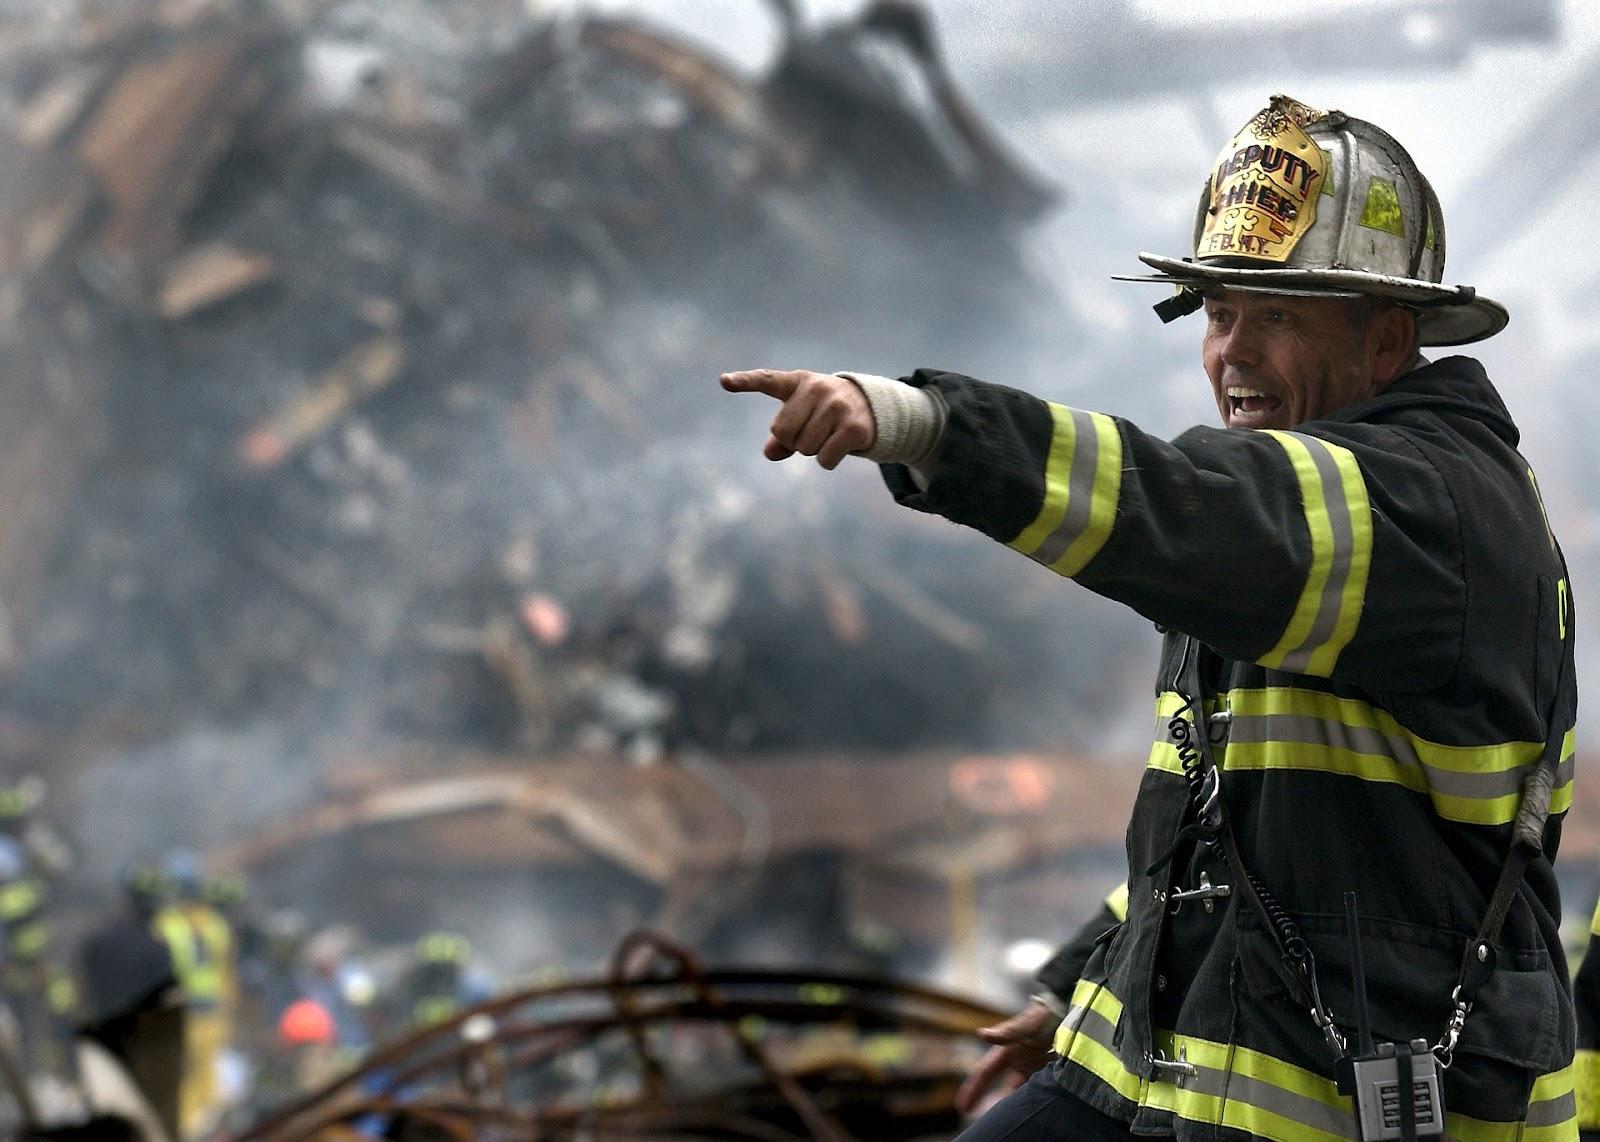 O laudo AVCB é emitido pelo Corpo de Bombeiros da Polícia Militar de cada Estado, sendo responsável por atestar que o estabelecimento atende todos os critérios de segurança e prevenção contra incêndio.